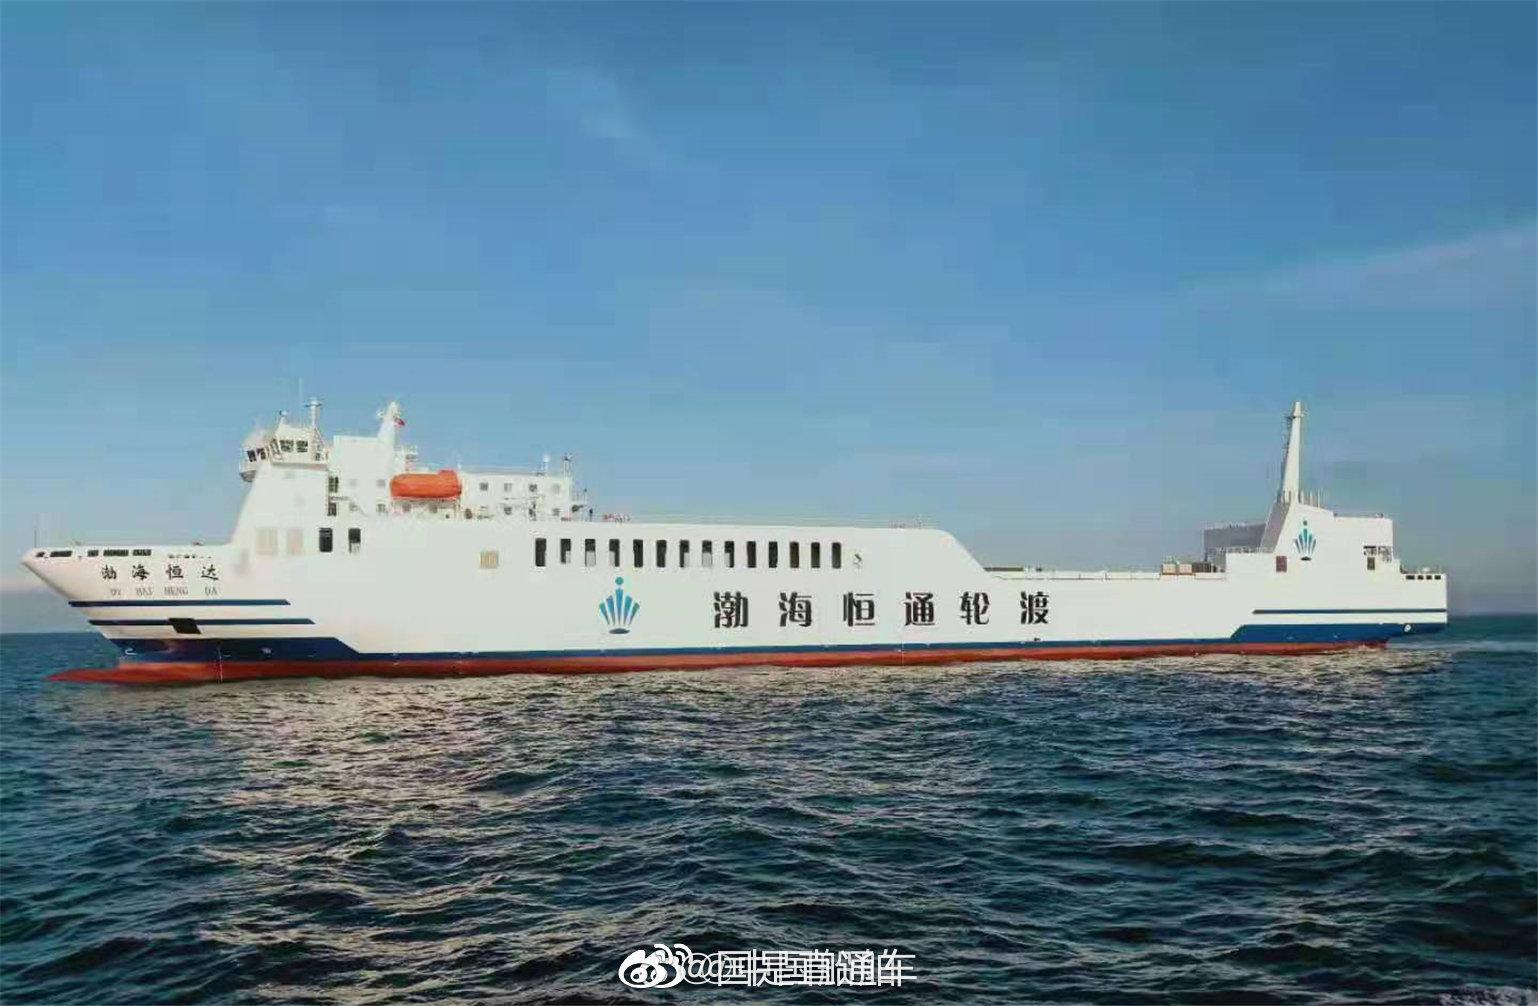 """亚洲最大多用途滚装船""""渤海恒达""""号投入运营 我国自主设计建造!"""